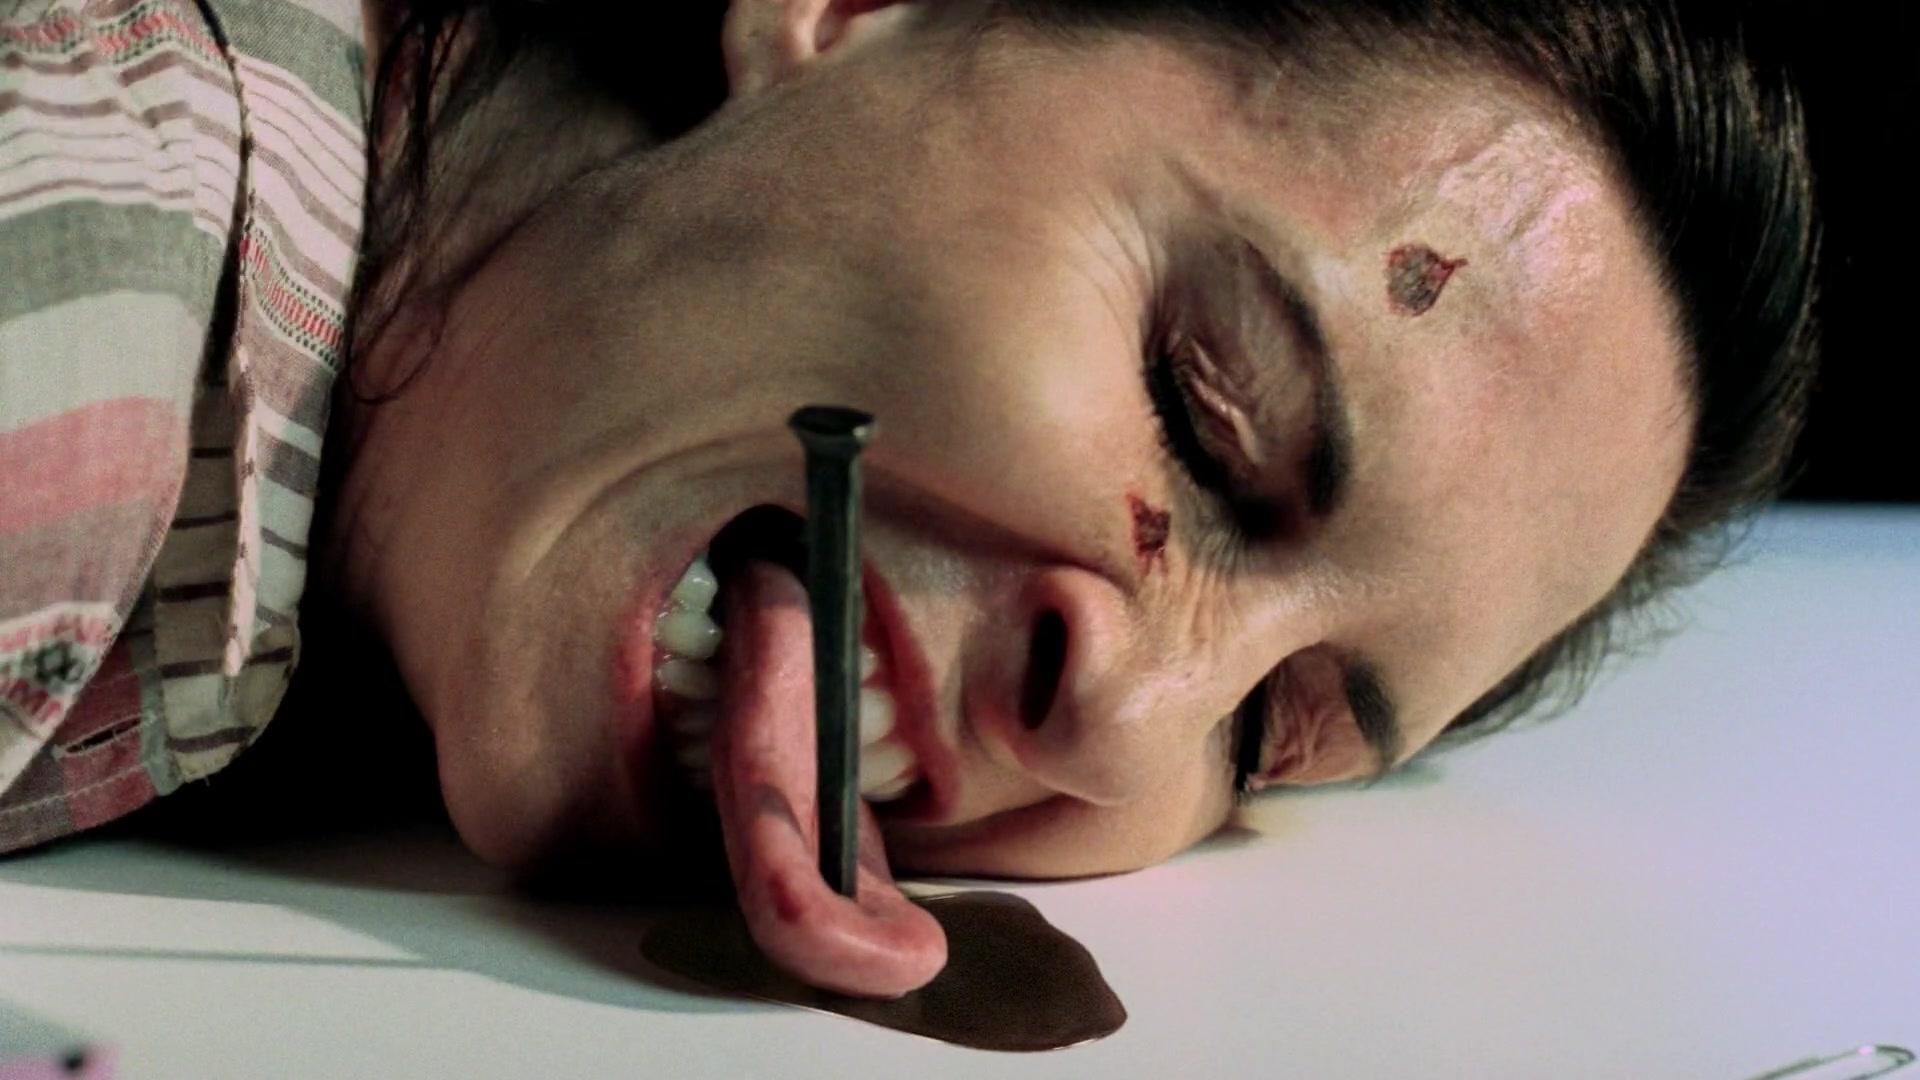 American_Horror_Story_S05E03_1080p__0763.jpg